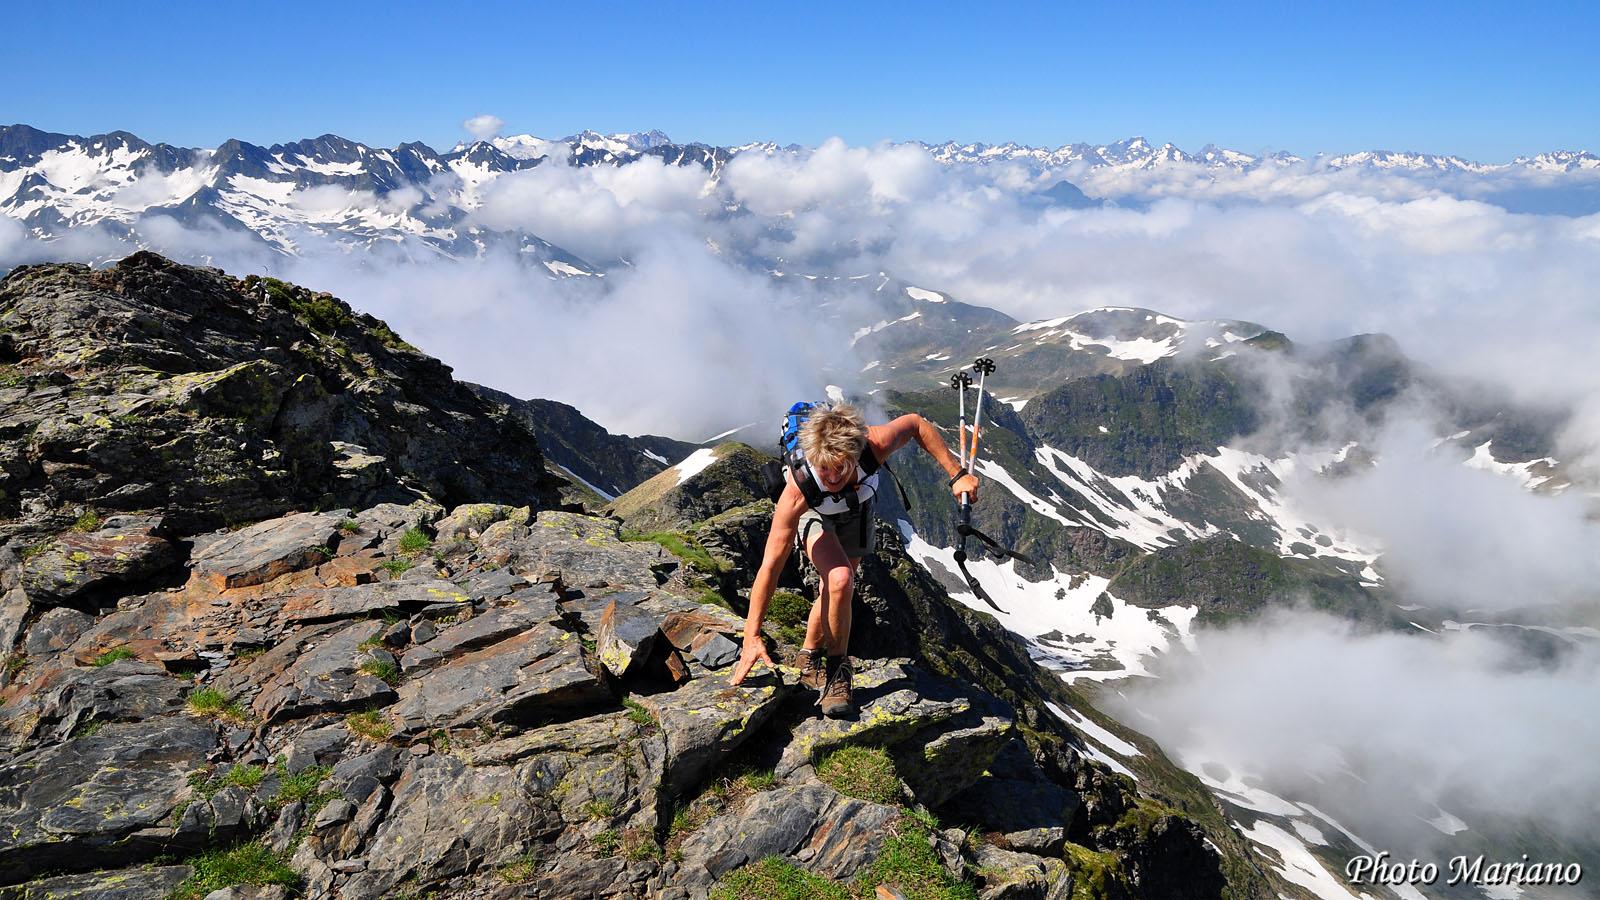 Randonnée Pic de Montaigu 2339m par les crêtes depuis Hautacam (2013)